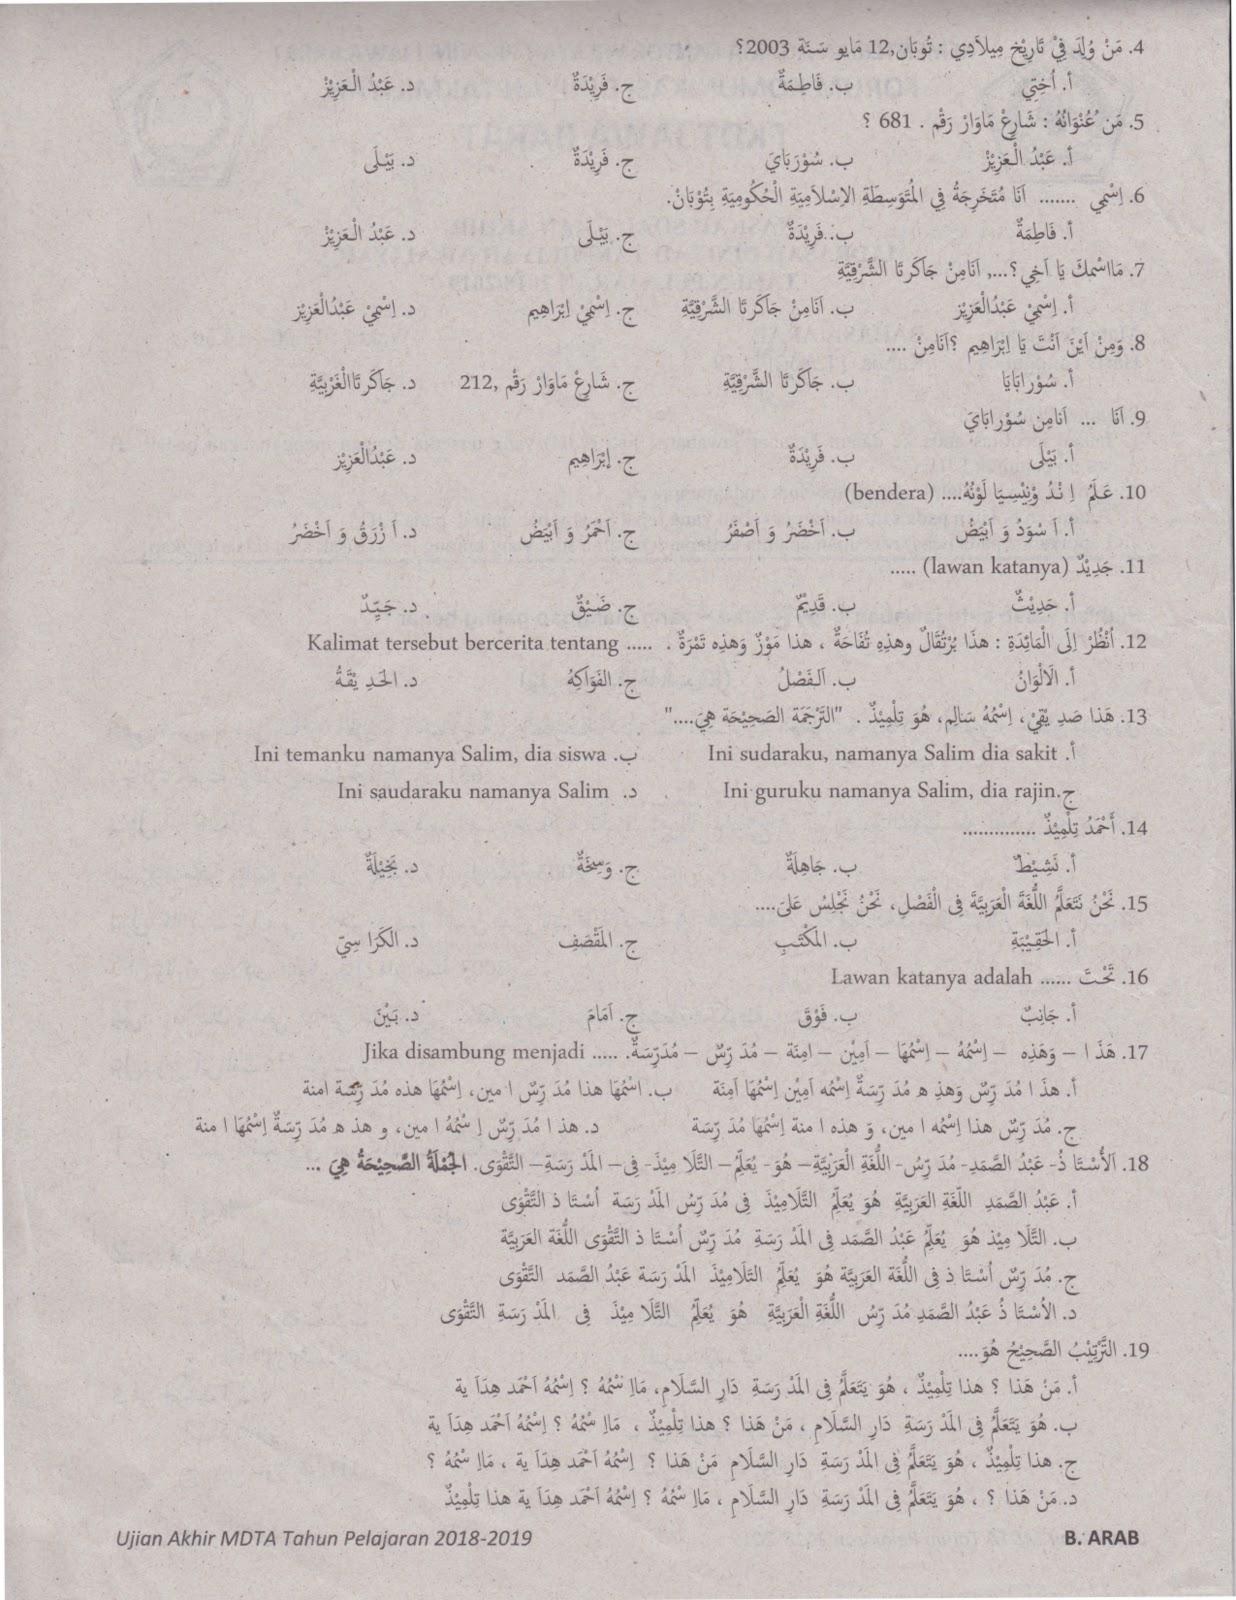 Soal Ujian Bahasa Arab Guru Ilmu Sosial